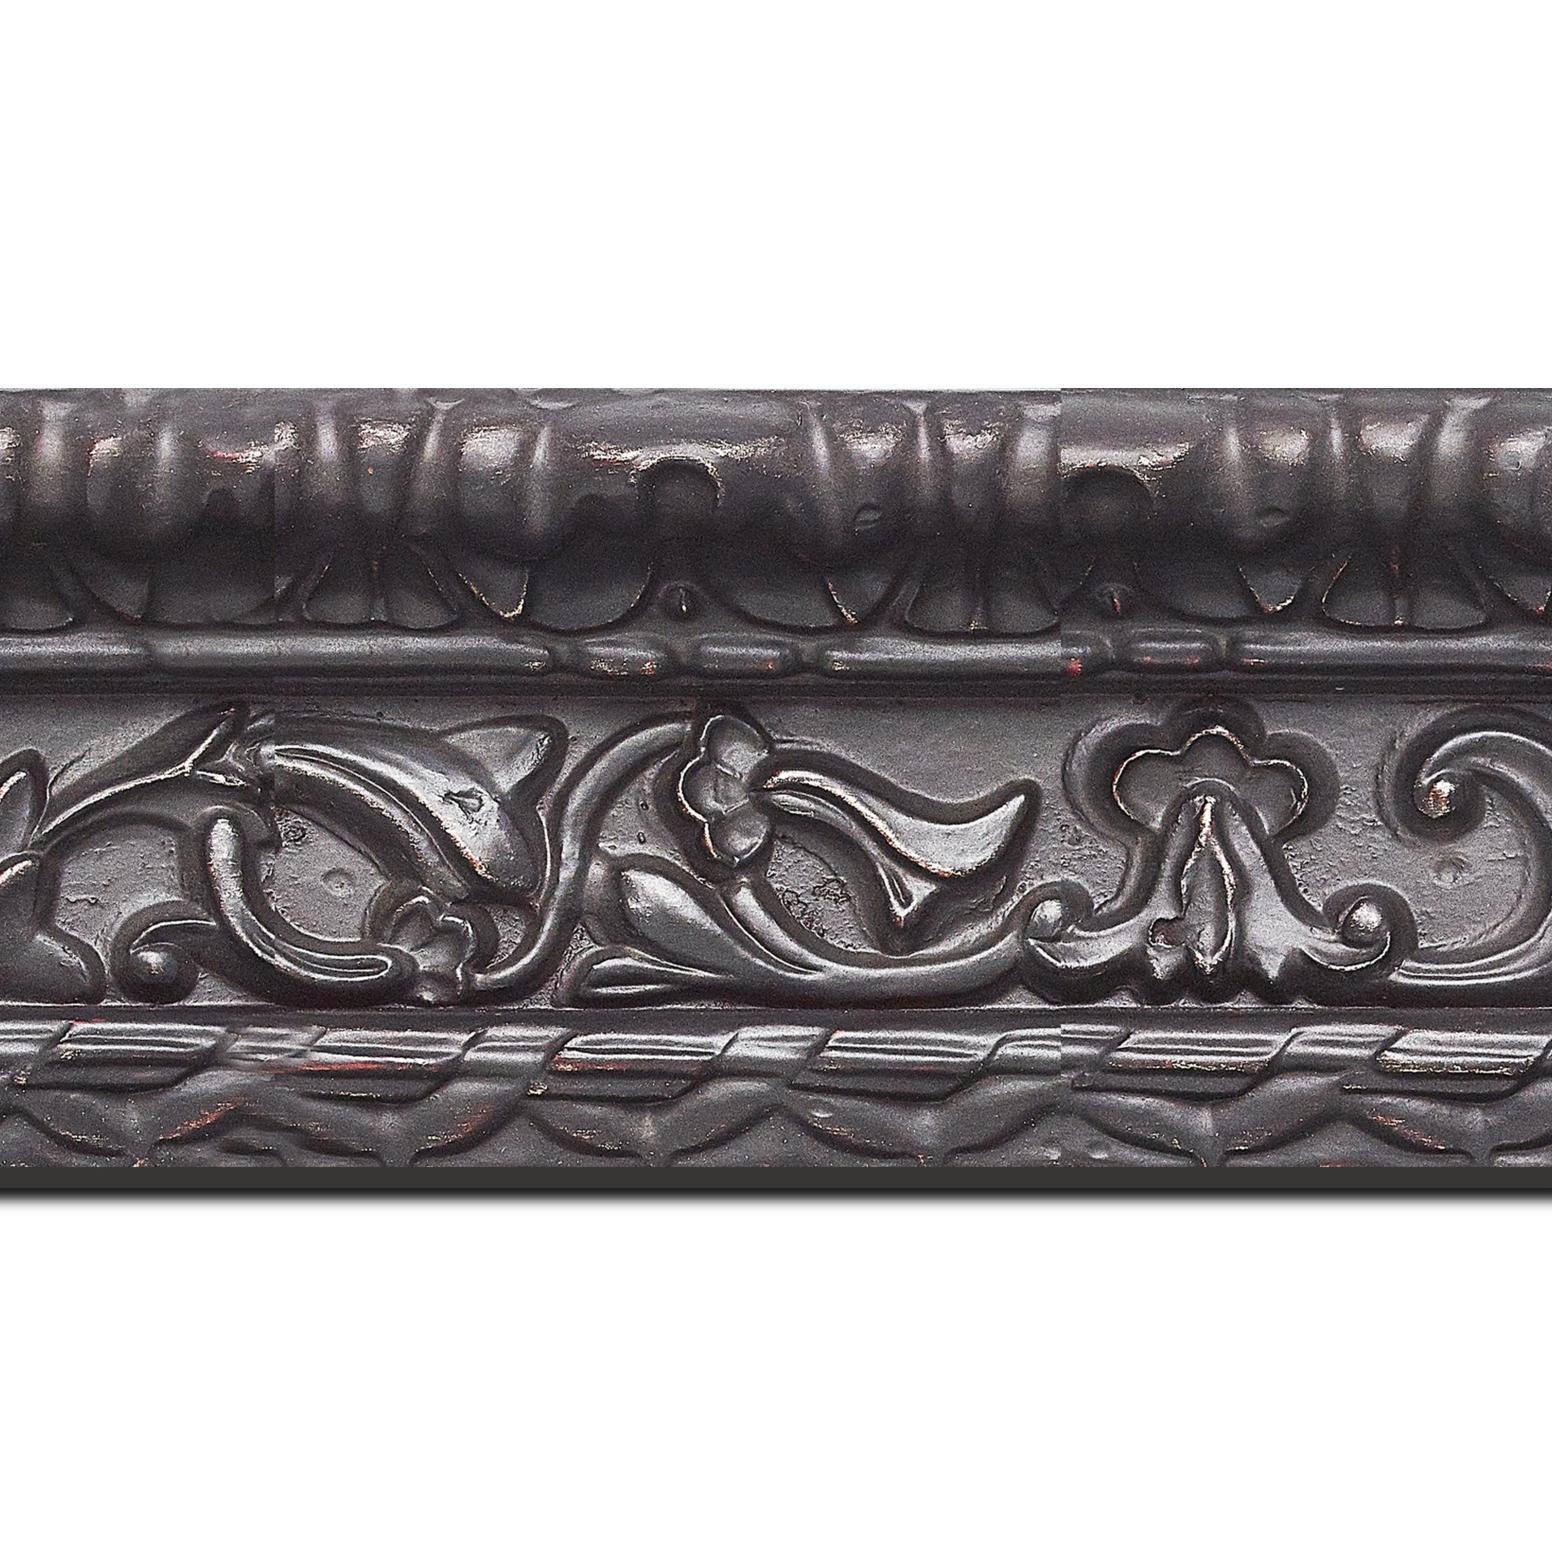 Pack par 12m, bois profil incurvé largeur 9.8cm noir antique style ornement (longueur baguette pouvant varier entre 2.40m et 3m selon arrivage des bois)